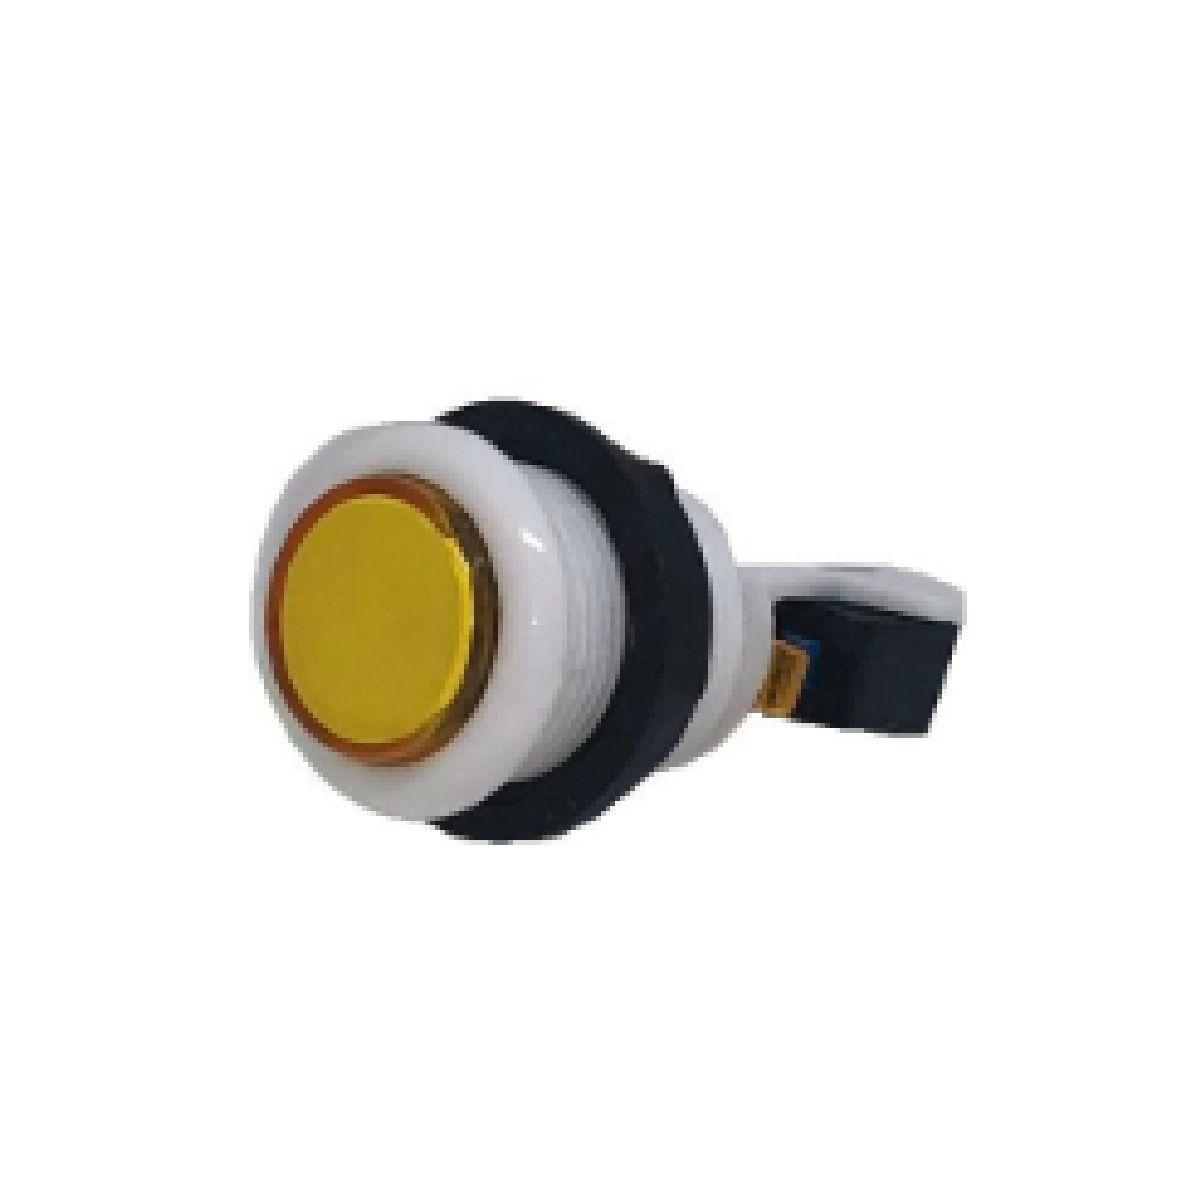 Botão Aegir Arcade Acrílico  Branco com Micro Switch Amarelo